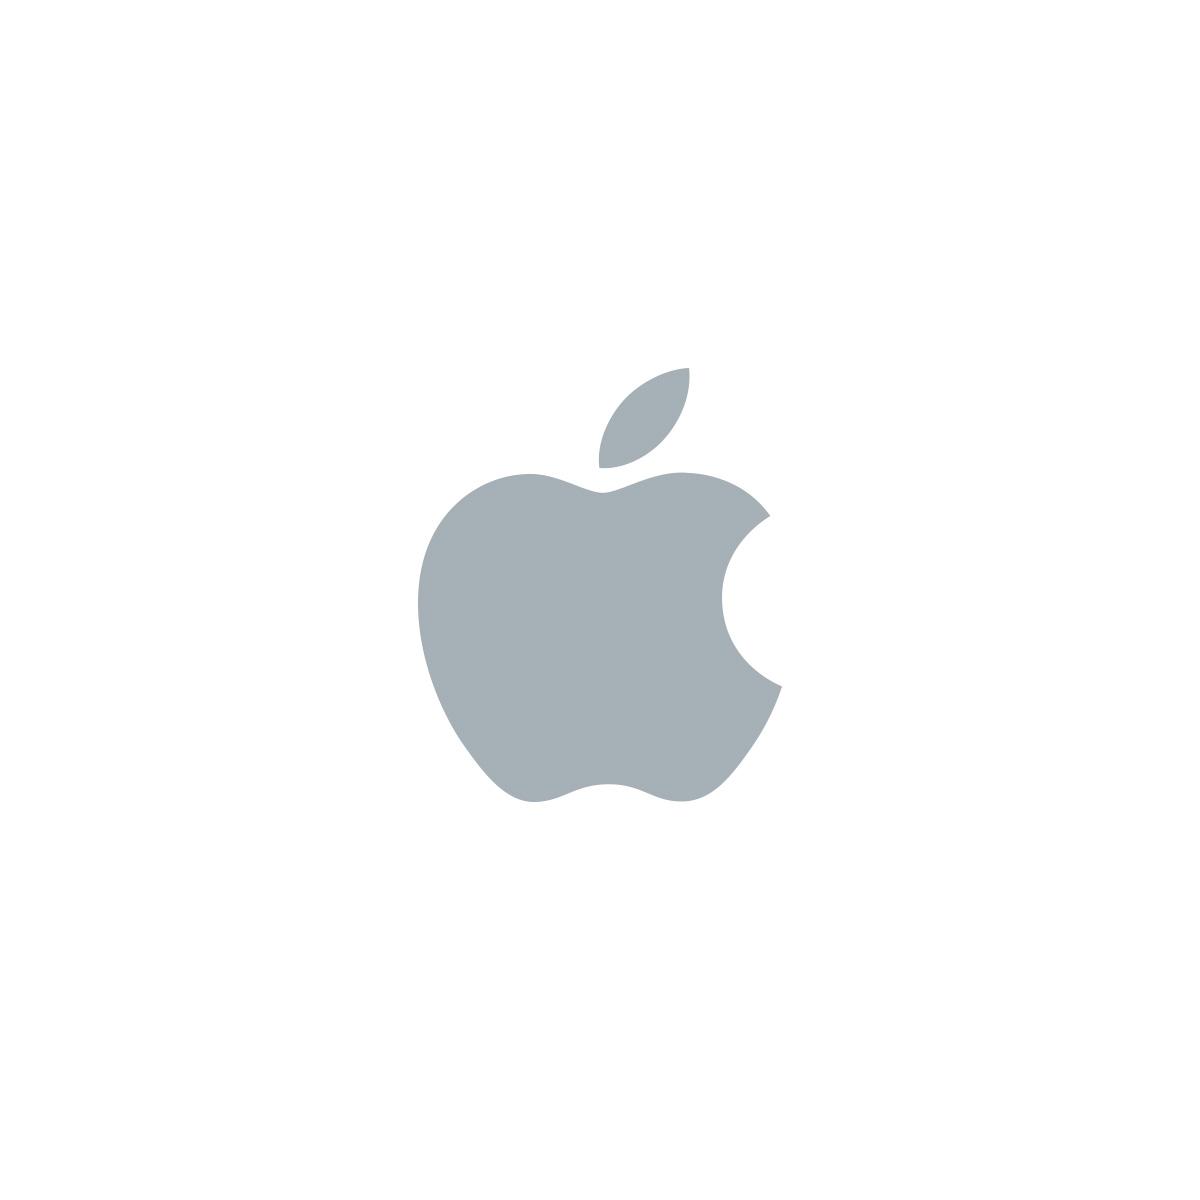 Victoria Square - Apple Store